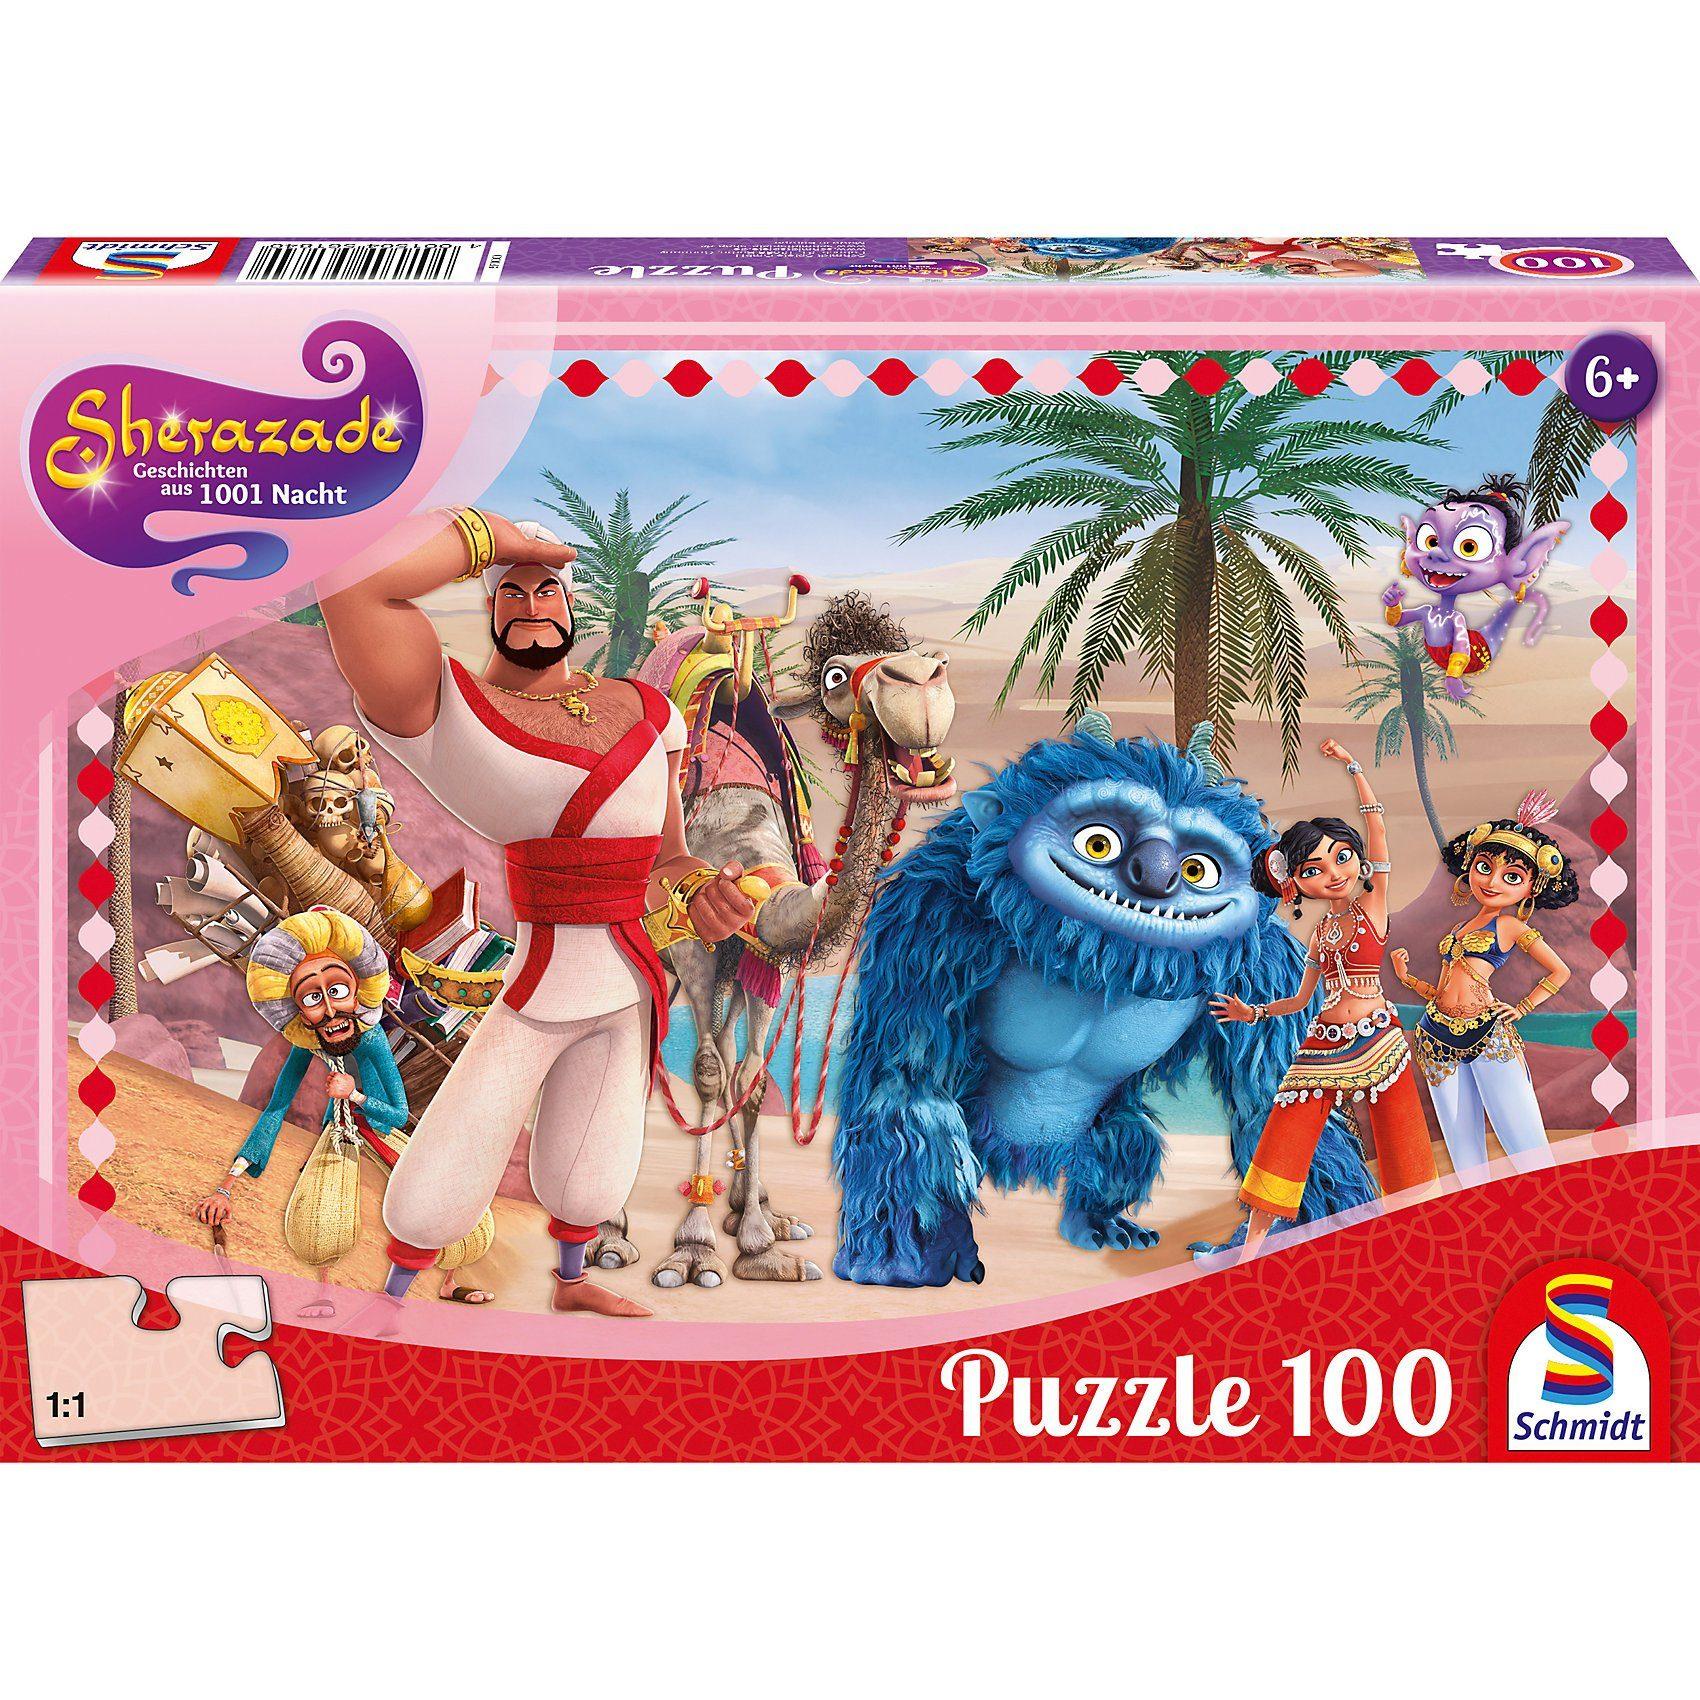 Schmidt Spiele Puzzle 100 Teile Sherazade Geschichten aus 1001 Nacht